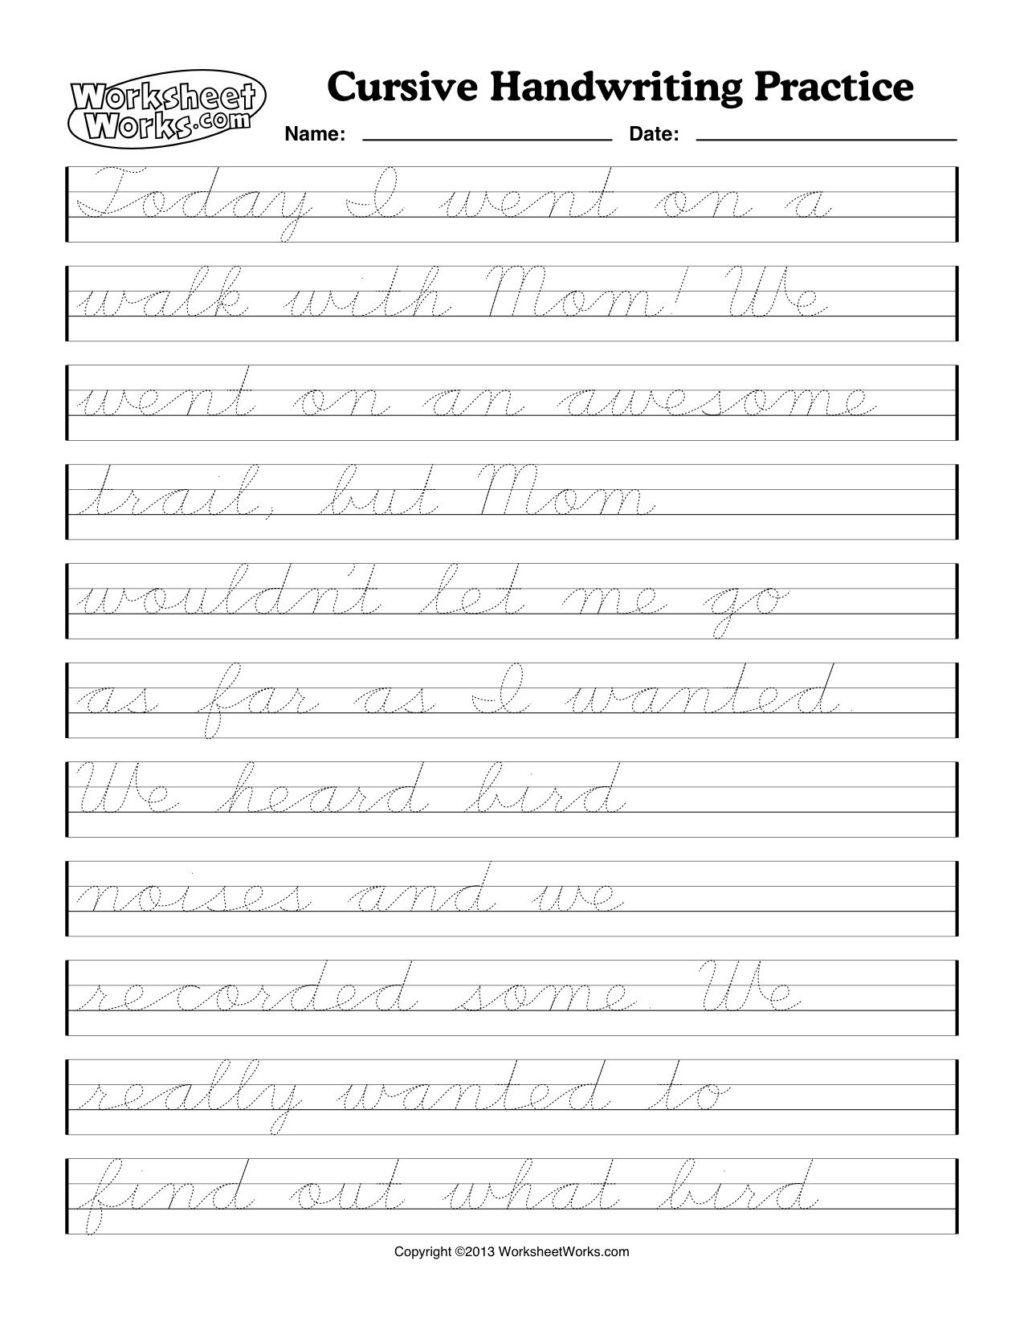 Worksheet ~ Cursive Writing Worksheets For 3Rd Grade